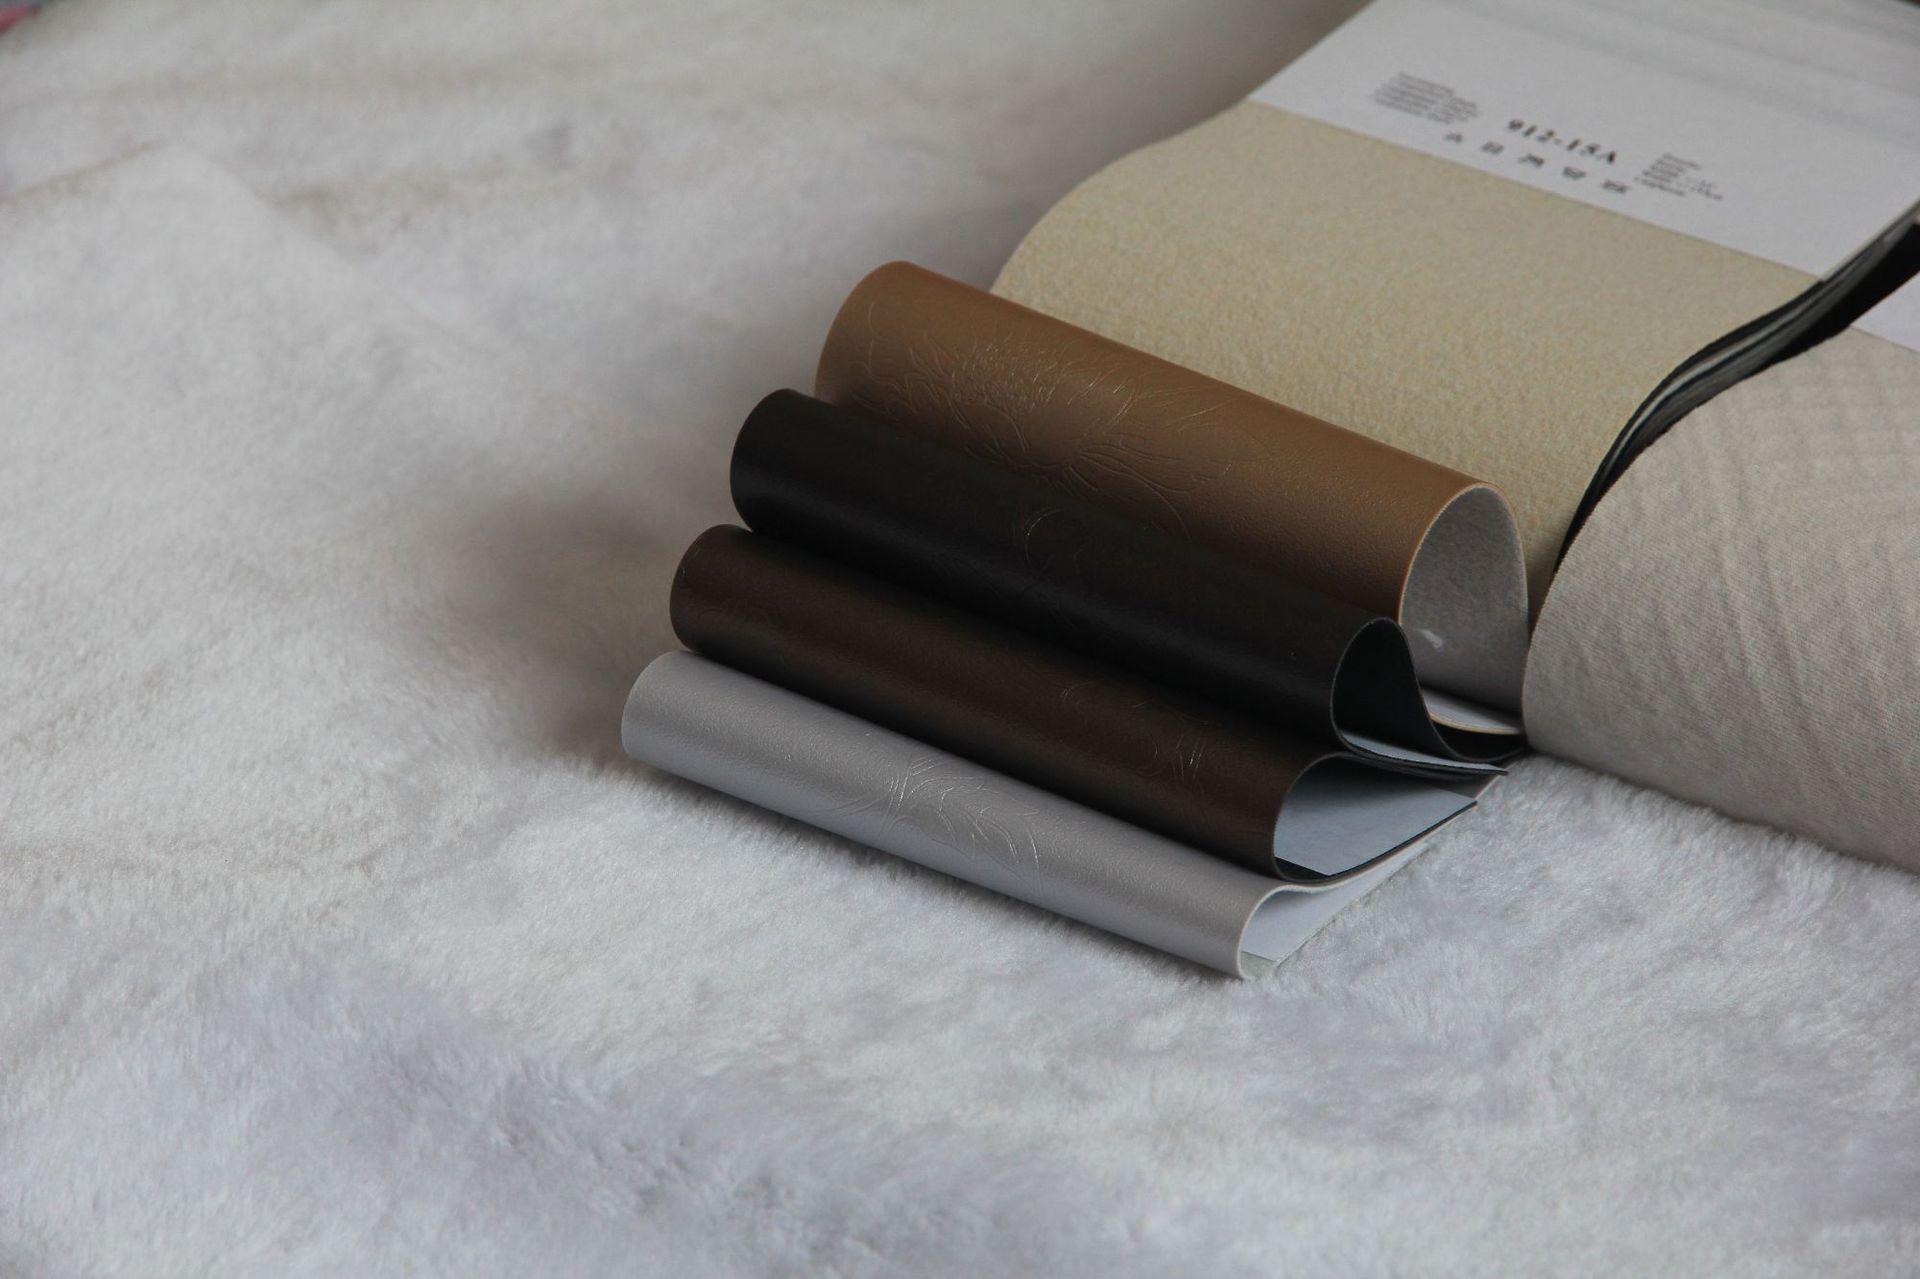 环保阻燃软包pvc人造革面料皮革软包床头背景墙沙发皮革硬包皮革